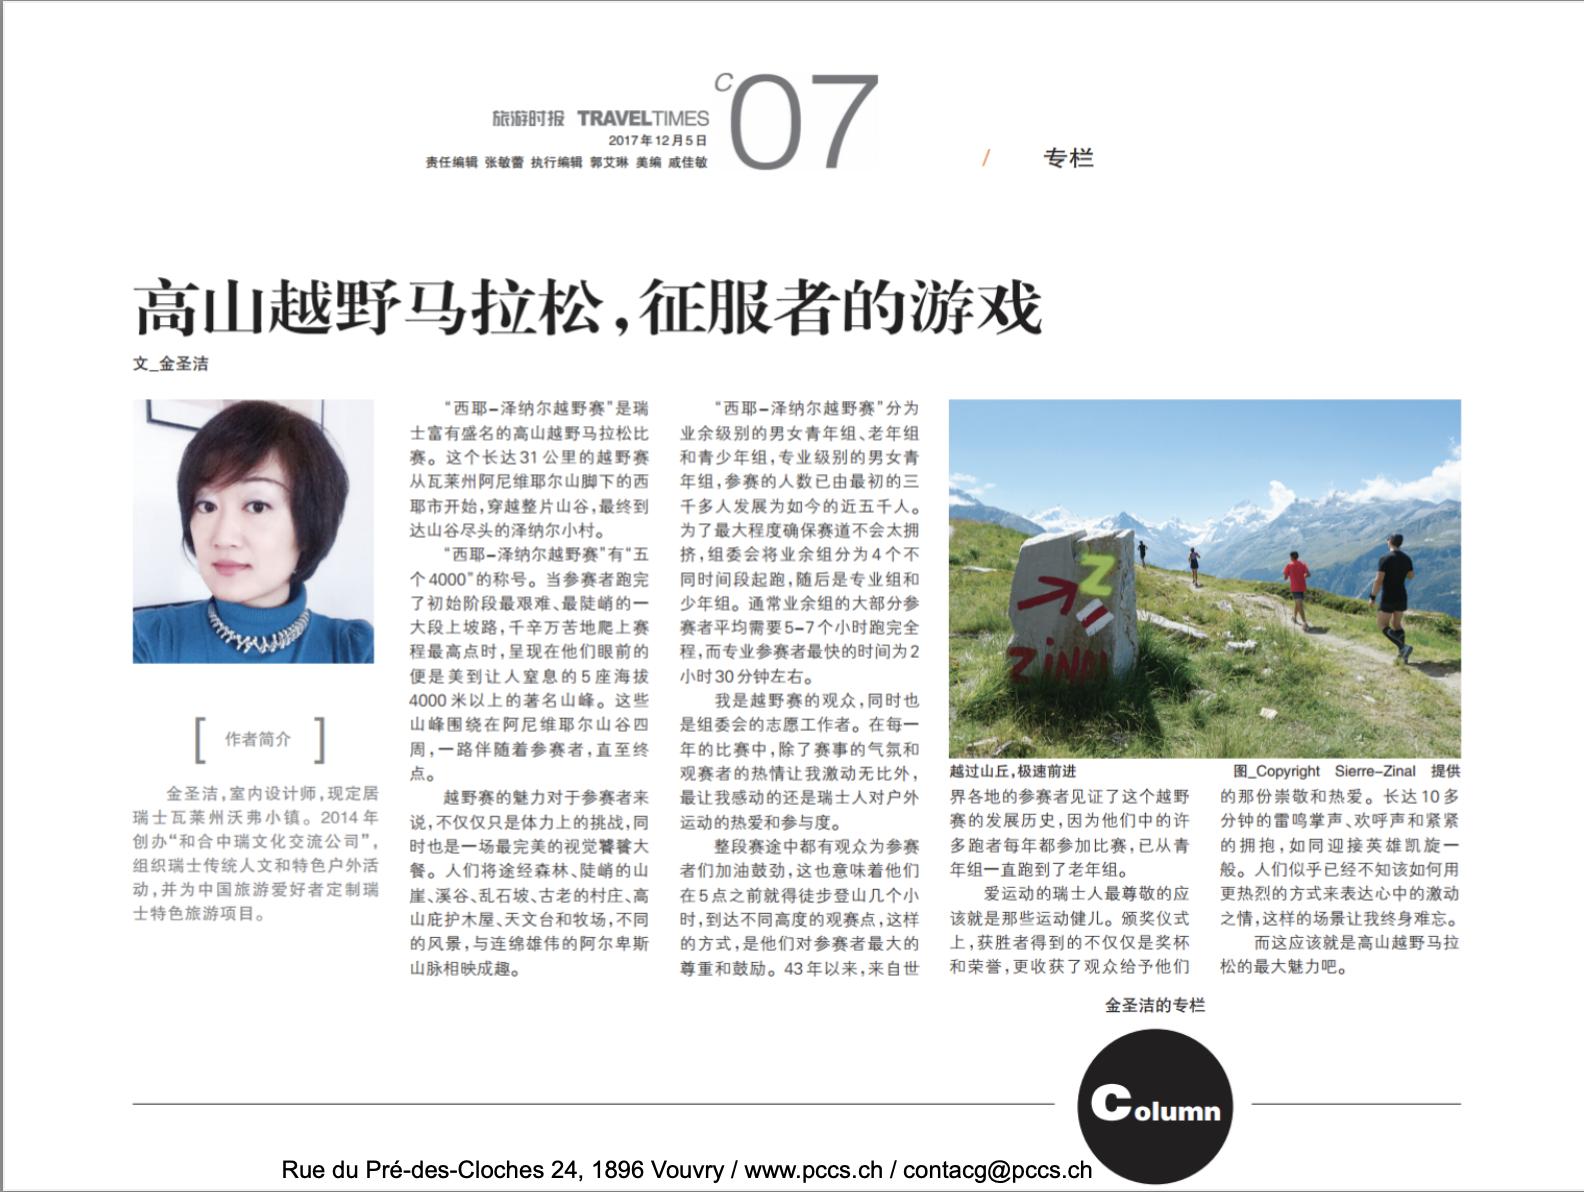 Rédaction en chinois: des articles présentes la culture suisse